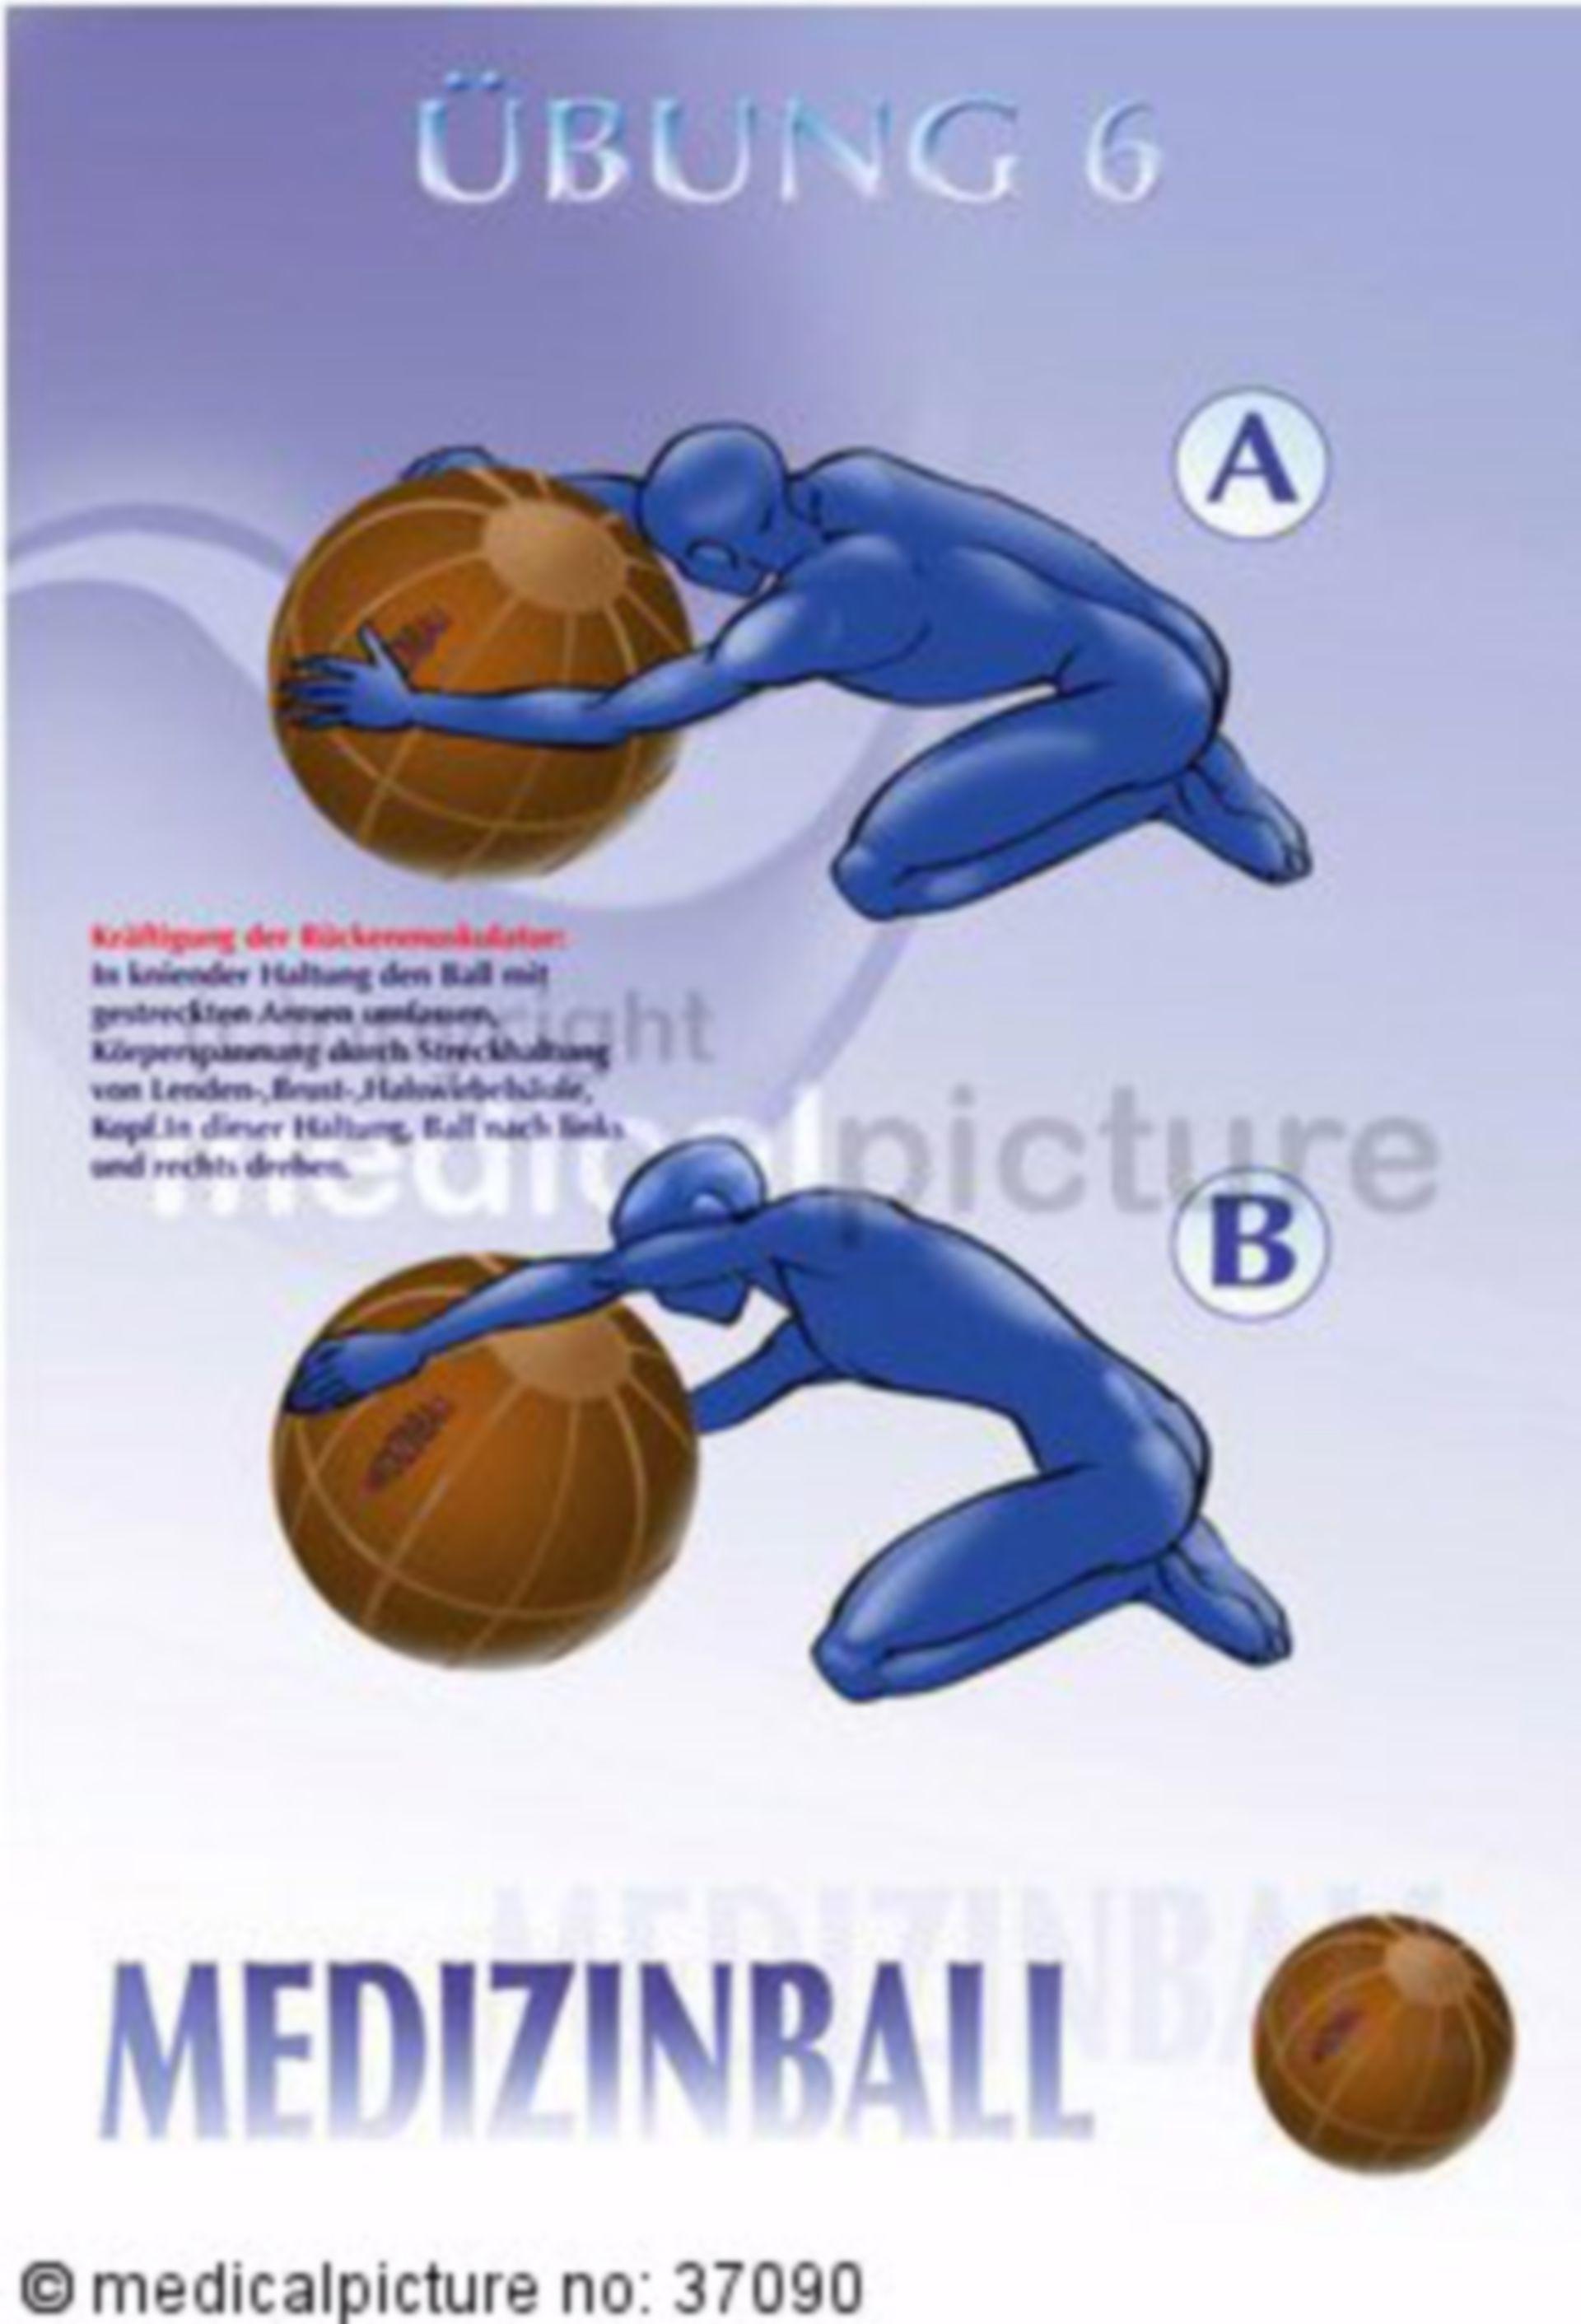 Medizinball